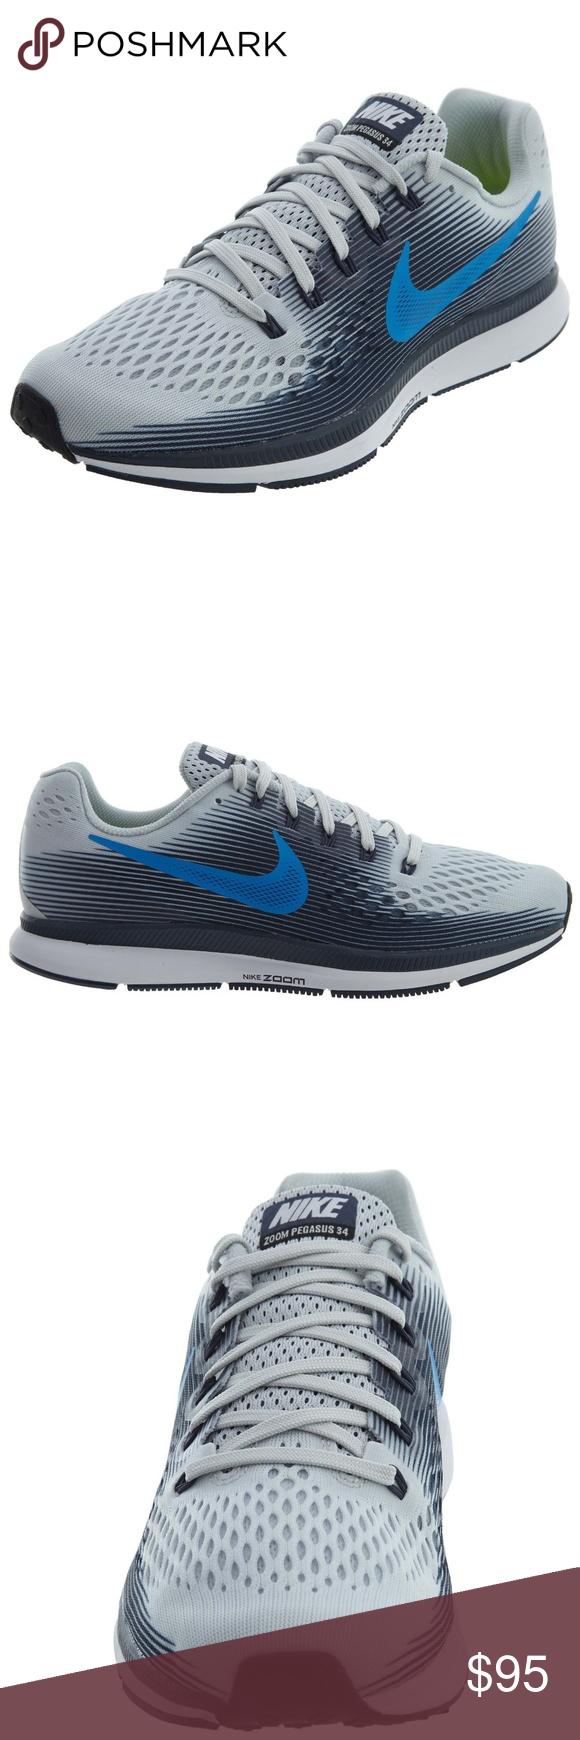 e7309d314a265c Nike Air Zoom Pegasus 34 Men s Running Shoes Sellers Note B 6 Nike Air Zoom  Pegasus